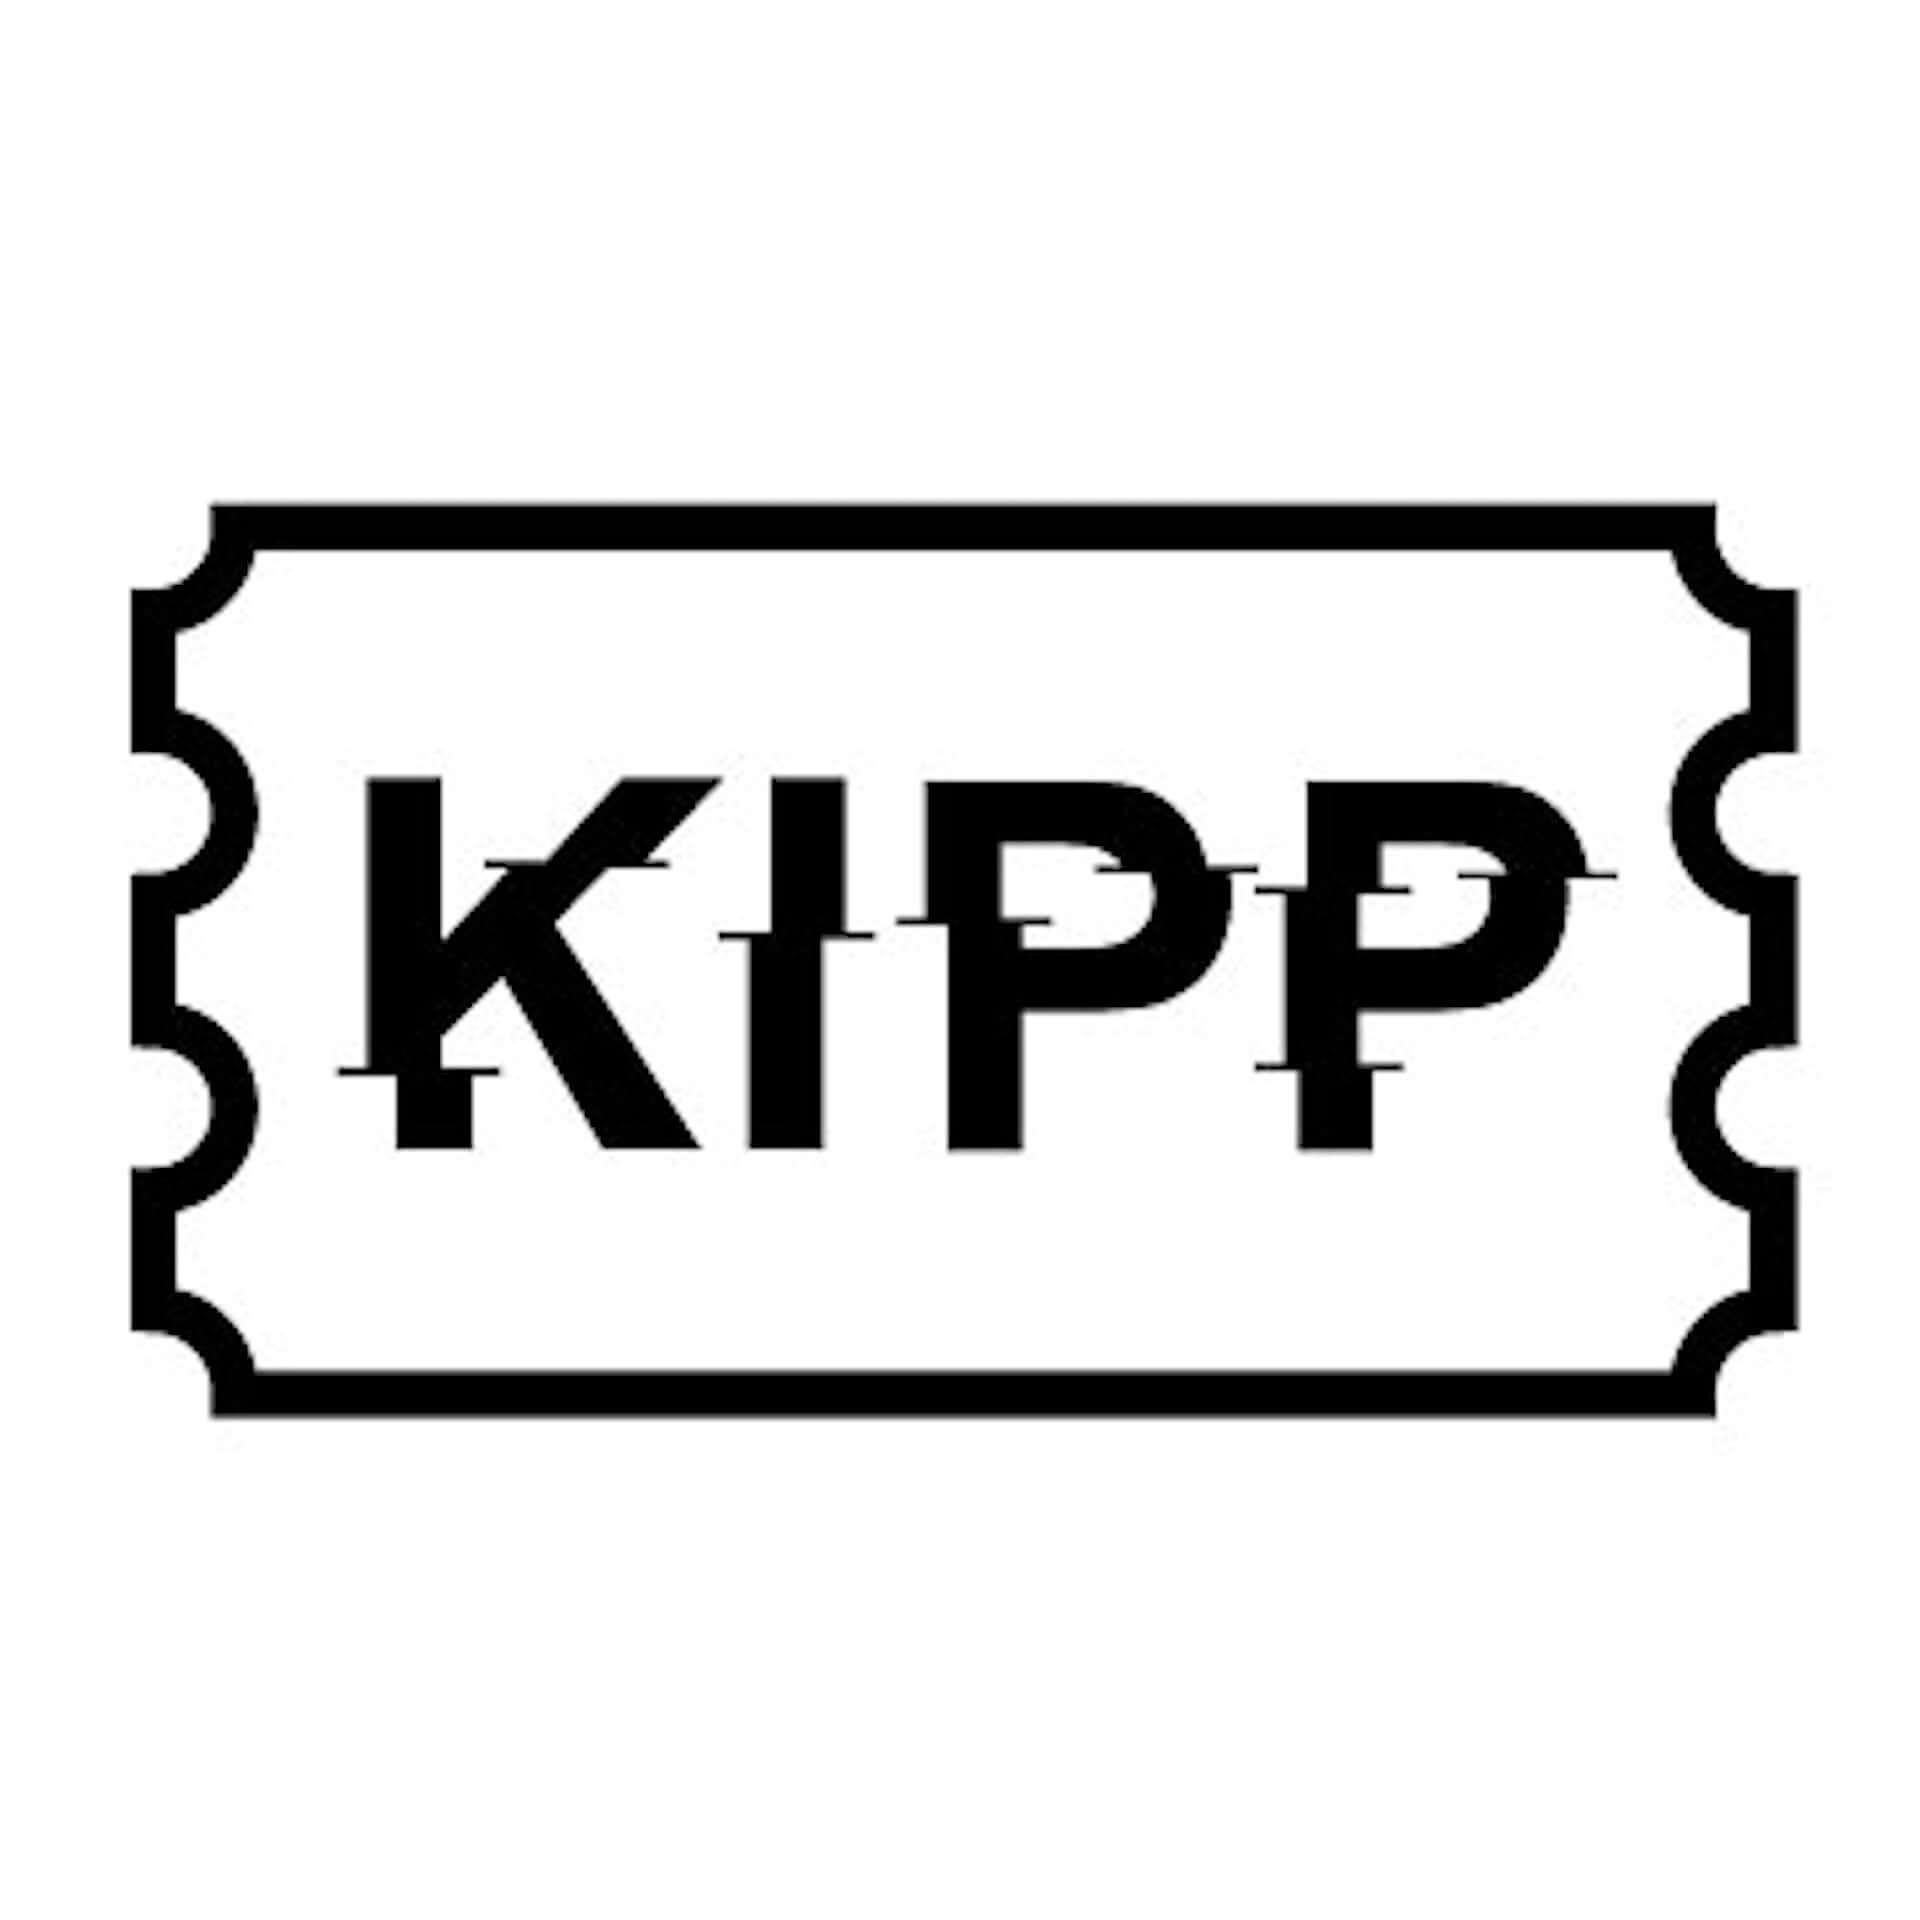 新たなプレイリストメディア「KIPP」がローンチ!BIM、AAAMYYY、VIDEOTAPEMUSIC、櫻木大悟、塩塚モエカも参加 music200925_kipp_6-1920x1920